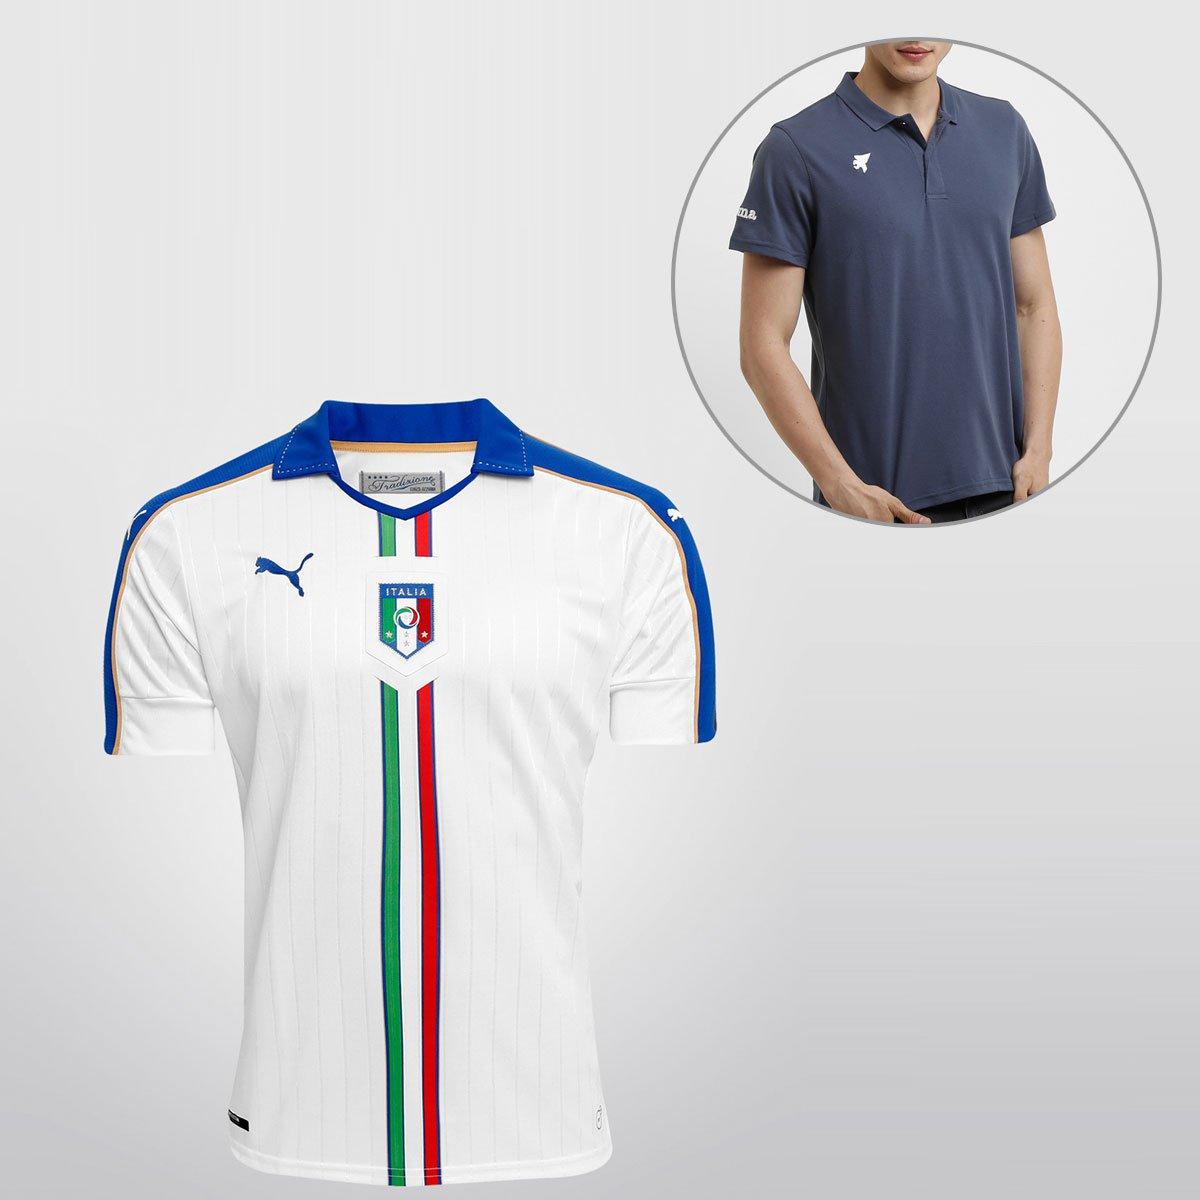 Camisa Puma Seleção Itália Away 15 16 s nº + Camisa Polo Joma - Compre Agora   71d37aa8635fa